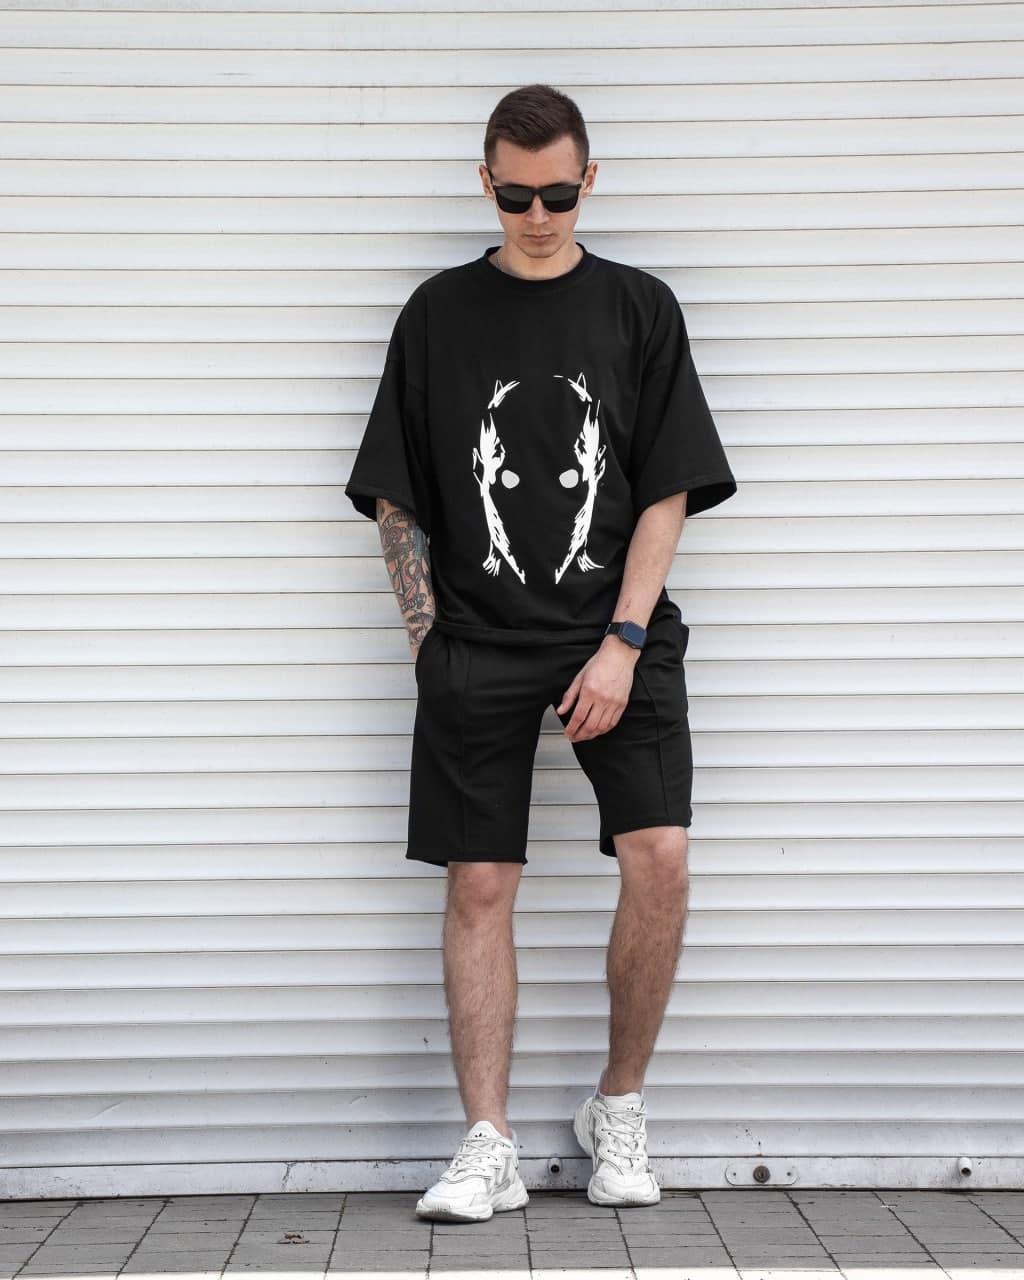 Daredevil+Delta Мужской спортивный костюм черный спринтом лето. Футболка + шорты свободного кроя